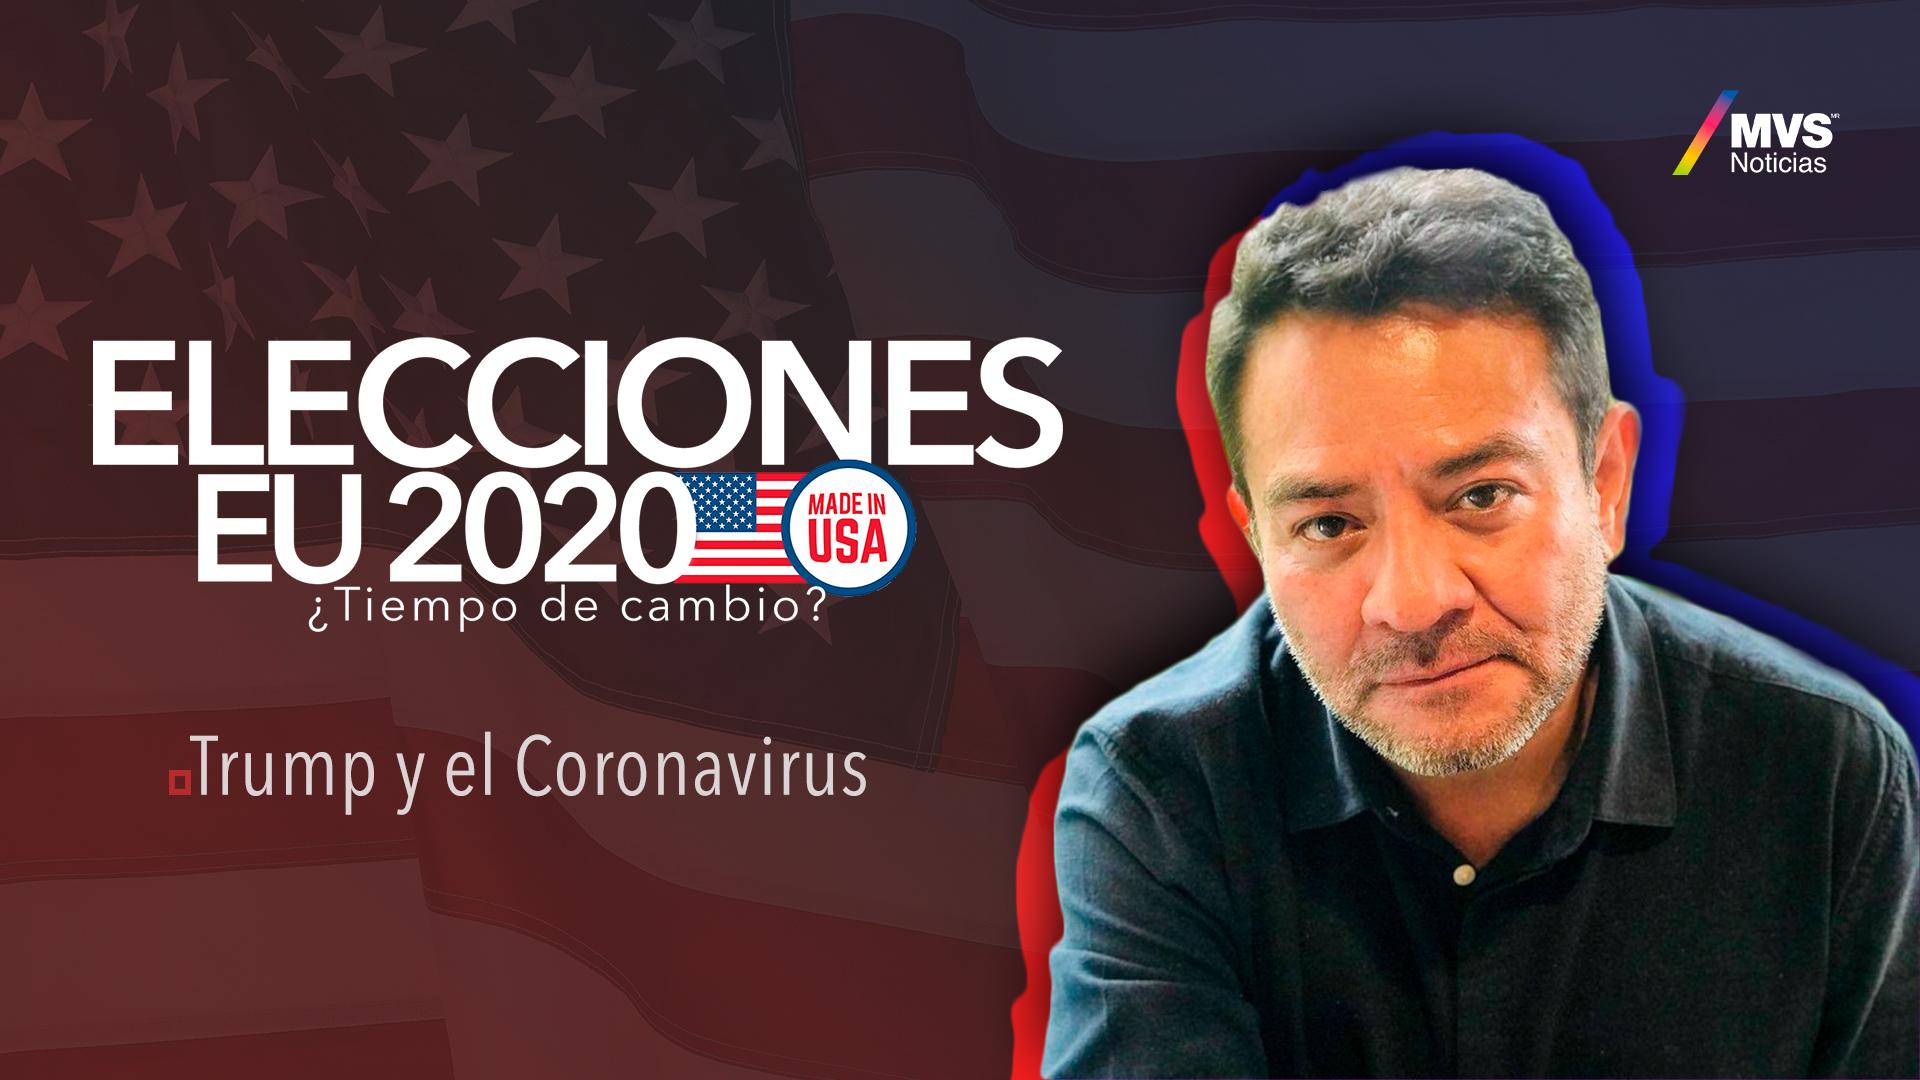 Trump y el Coronavirus